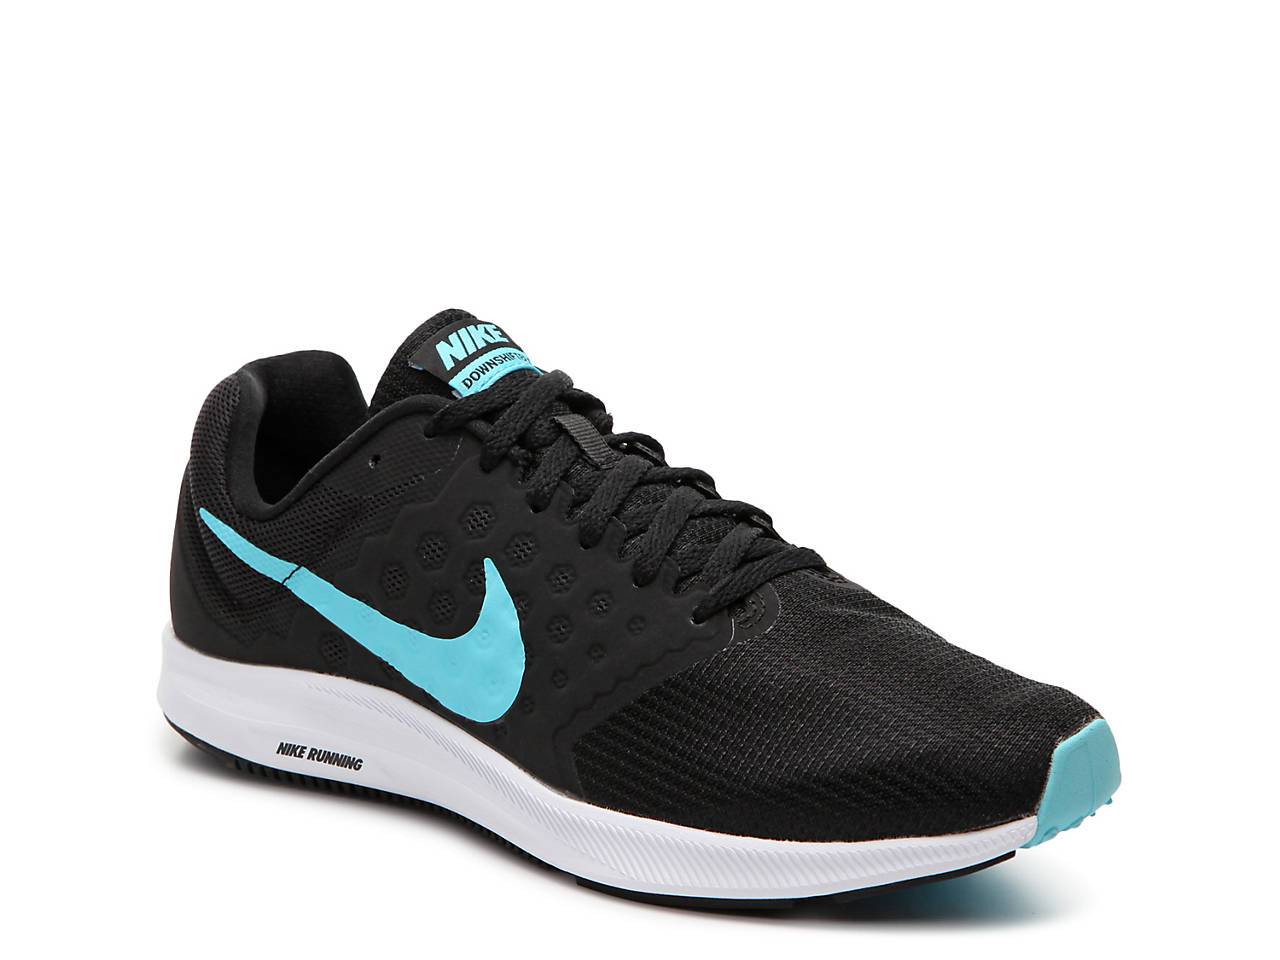 40317305eb0af5 Nike Downshifter 7 Lightweight Running Shoe - Women s Women s Shoes ...